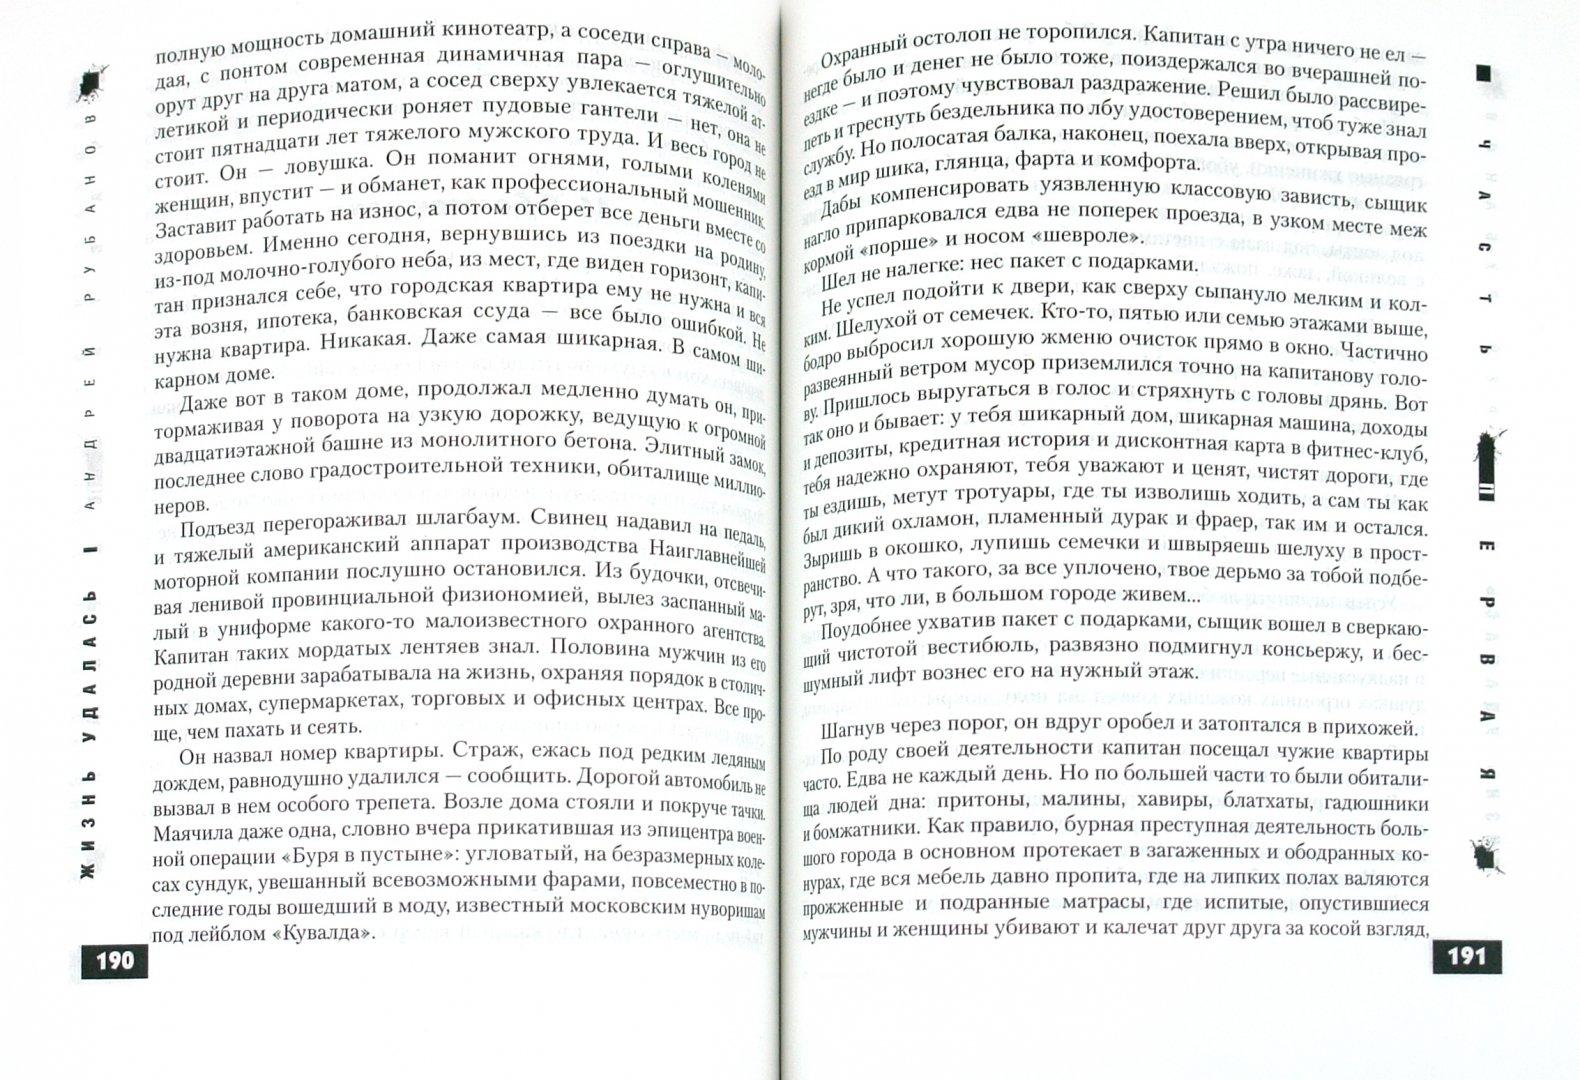 Иллюстрация 1 из 10 для Жизнь удалась - Андрей Рубанов | Лабиринт - книги. Источник: Лабиринт